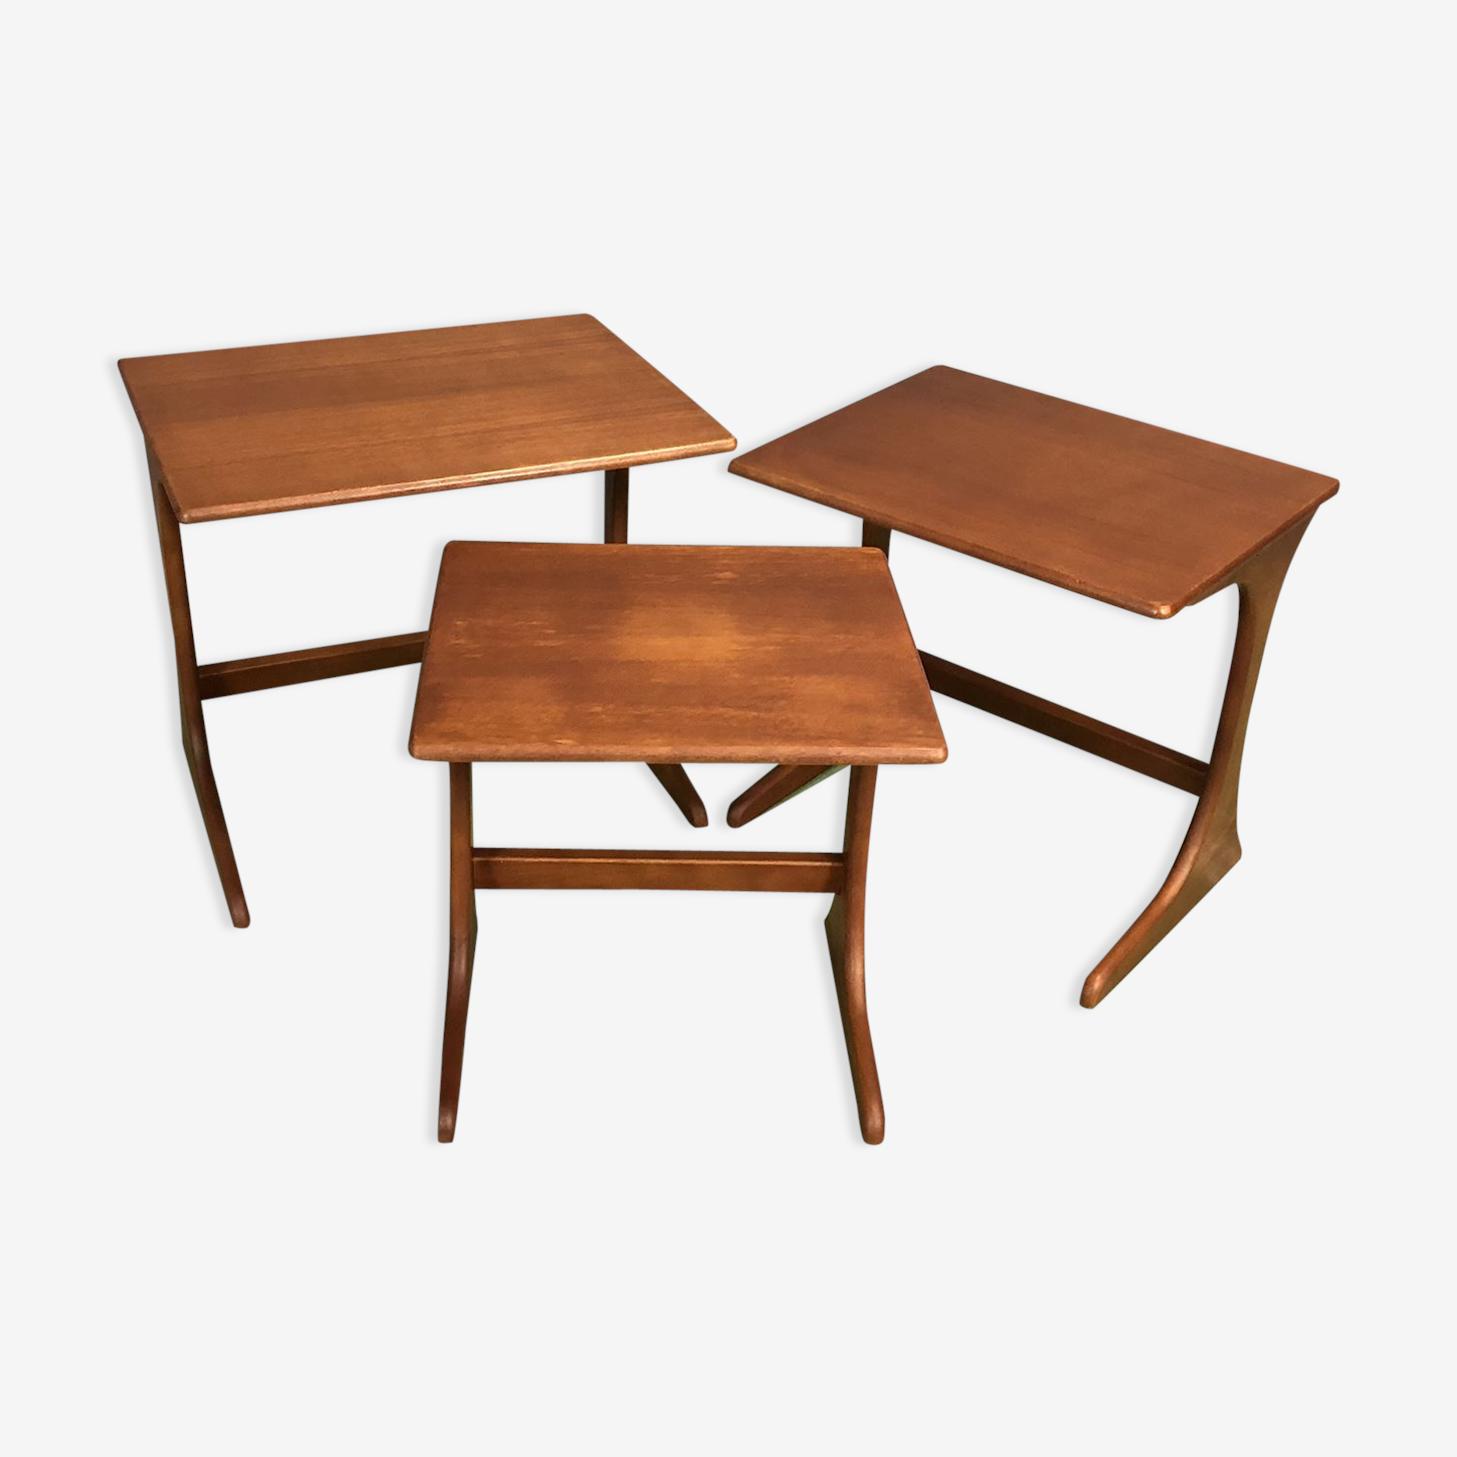 Suite de 3 tables gigognes en teck années 70